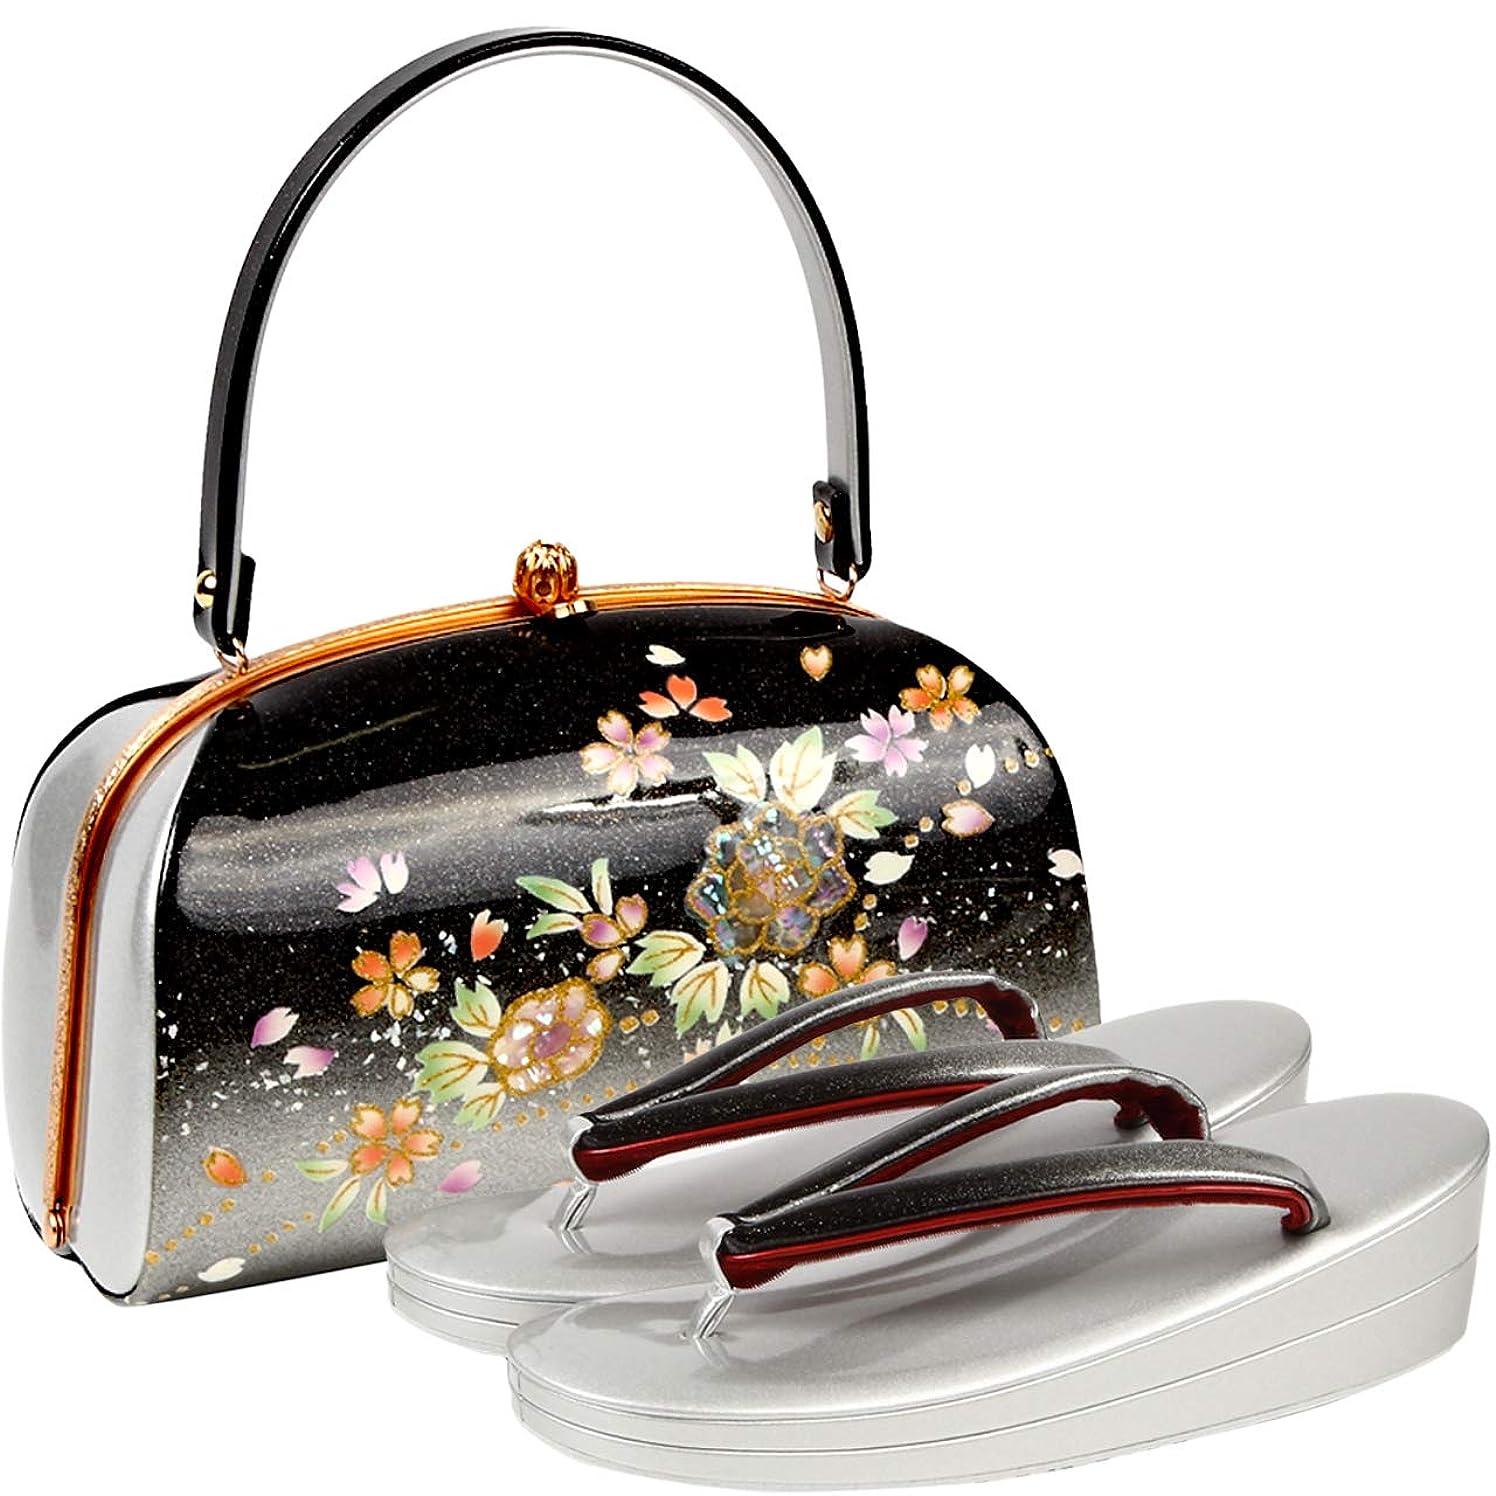 通行人本土八百屋[ノーブランド品] 草履バッグセット レディース Fサイズ 螺鈿 花柄 エナメル ゴールド N3263